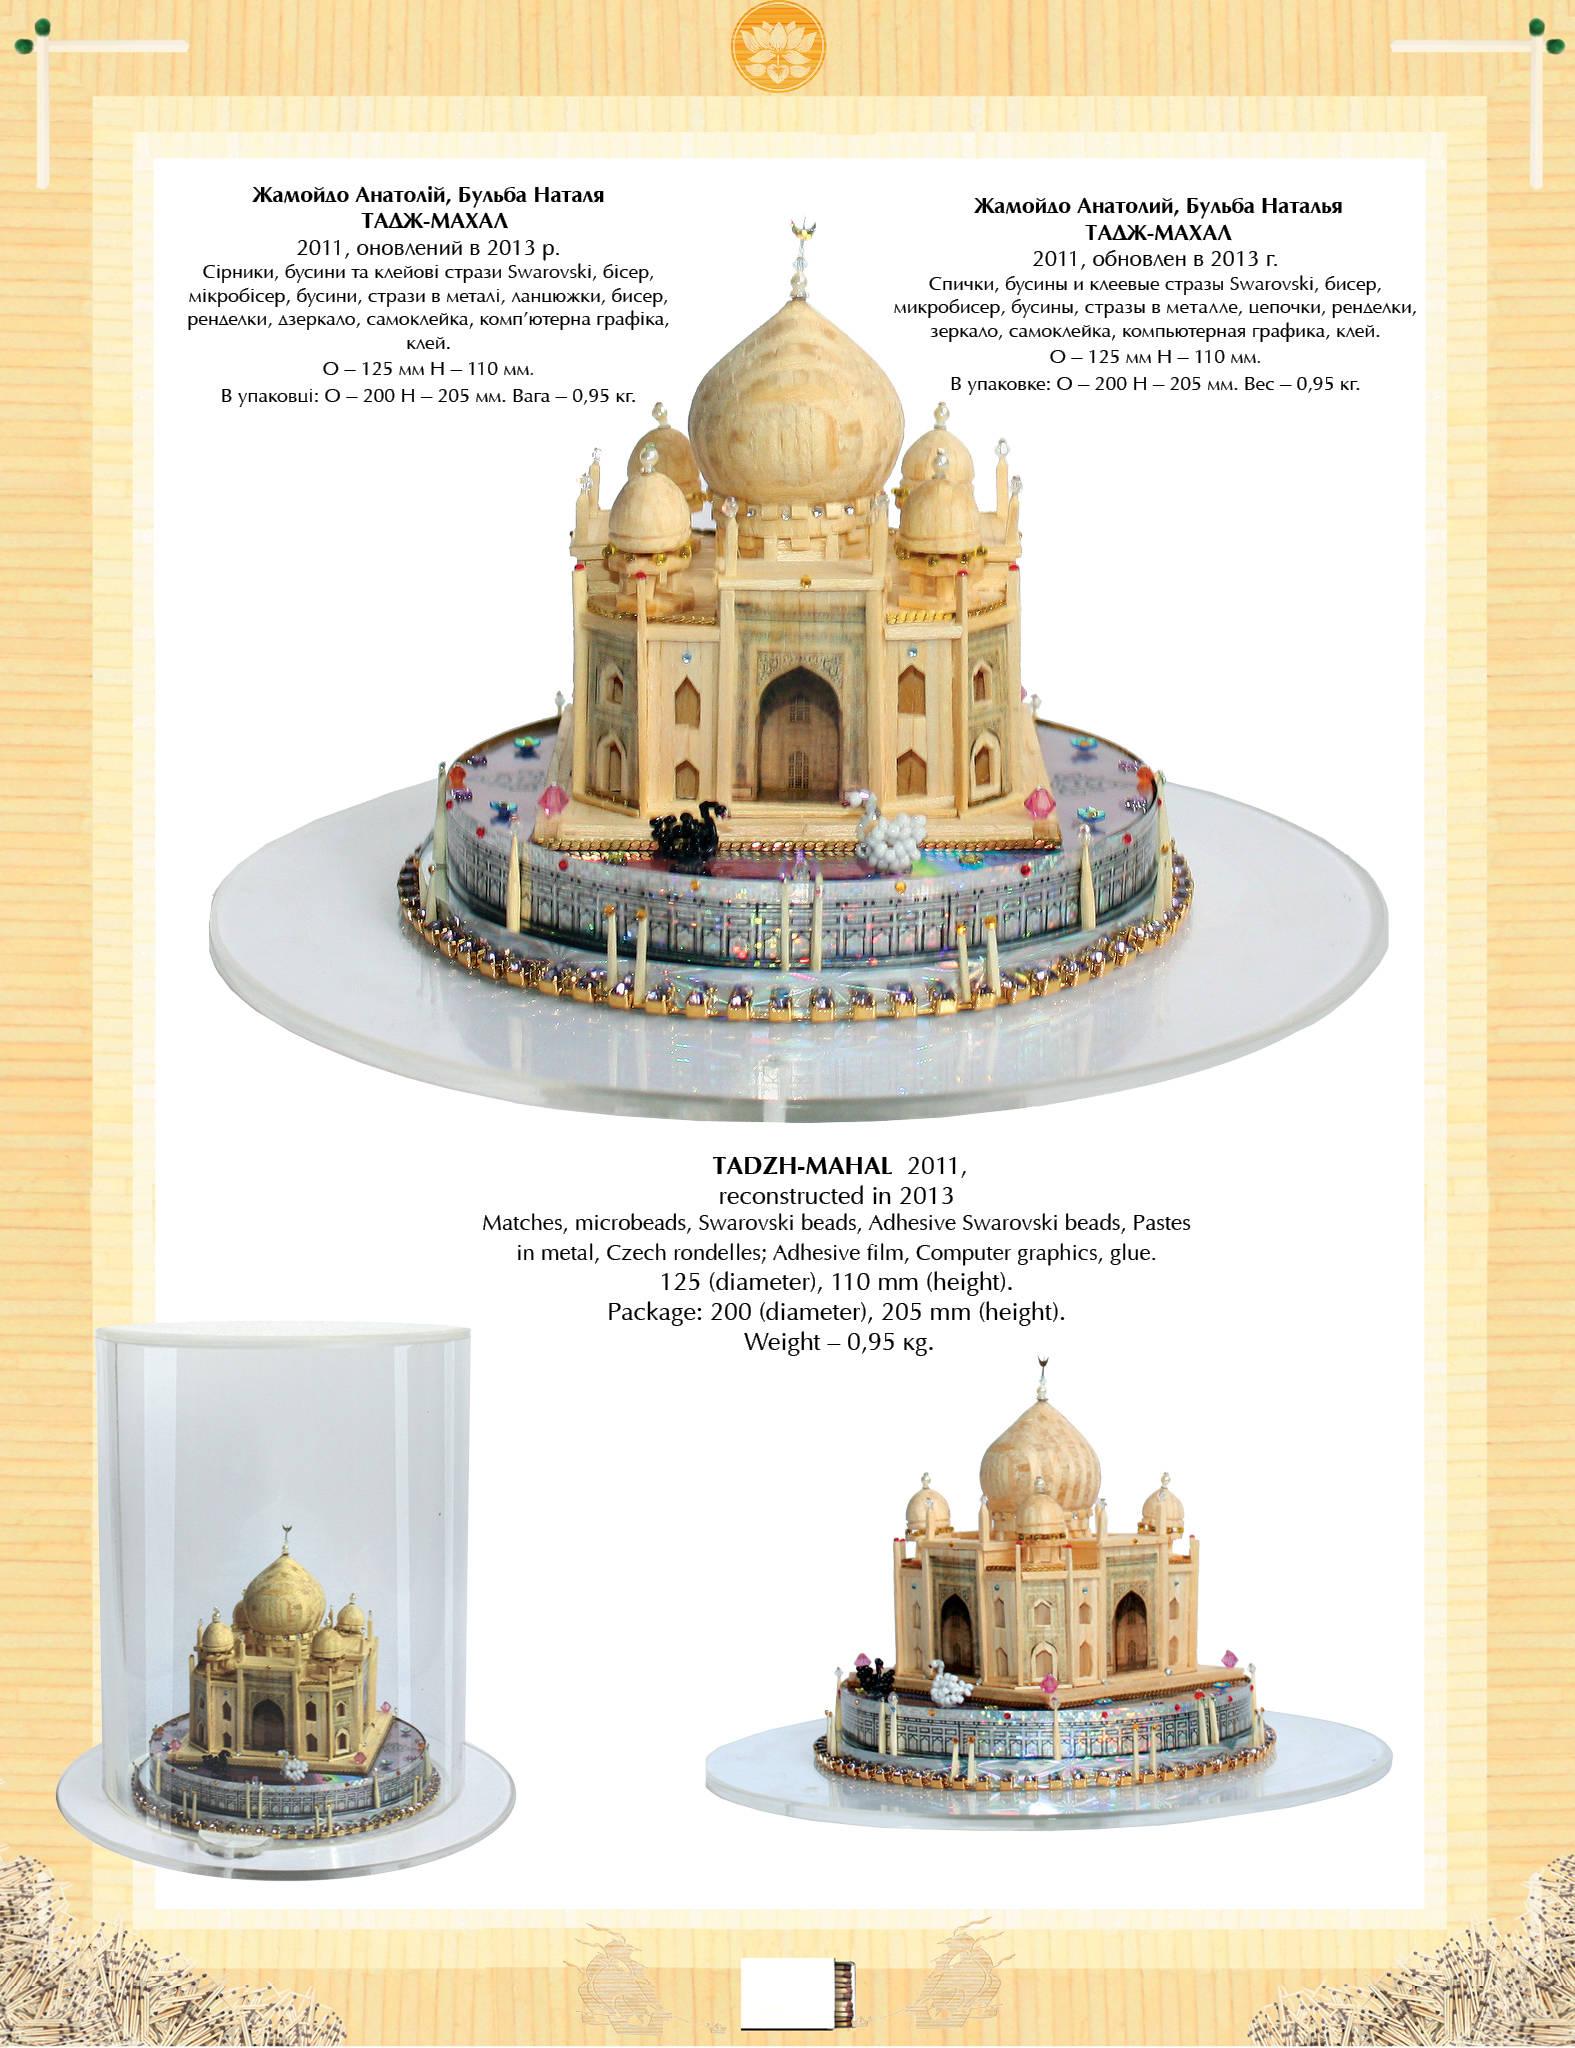 ТАДЖ-МАХАЛ 2011 Спички,   бусины и клеевые стразы Swarovski,  бисер,   бусины, стеклярус,   цепочки,    компьютерная графика. О – 125 мм Н – 110 мм. В упаковке: О – 200 Н – 205  мм. Вес – 0,95 кг.  Архитектура ислама великолепна, многогранна и достаточно разнообразна. Но выбор Тадж-Махала в качестве архитектурной основы, «визитки» для целого цивилизационного направления более чем закономерен. С одной стороны, это сооружение – вершина именно исламской архитектуры, а с другой, – памятник вечной любви, чувству общечеловеческому, выходящему за рамки религий, народности, национальной культуры.  Тадж-Махал справедливо считается одним из 7 новых чудес света.   Взяв за основу основные пропорции сооружения, авторы миниатюр подчеркнули их совершенство блеском бусин и клеевых камушков Swarovski, несколькими лотосами и фигурами двух лебедей – белого и черного. Их появление в композиции должно напомнить о красивой легенде. Утверждают, что напротив нынешнего белого мавзолея (посвященного любимой жене Мумтаз-Махал), его создатель – Шах-Джахан – собирался построить его близнец, но только черного цвета. (Этот замысел авторы воплотили в виде двух миниатюр из бисера и бусин, но эти работы не входят в данную коллекцию.) ТАДЖ-МАХАЛ ~ TAJ MAHAL ~ ТАДЖ-МАХАЛ https://www.youtube.com/watch?v=cuNiNs4cQPk Данная работа является частью коллекции-выставки «БОГ НА ЛАДОНИ». https://www.youtube.com/watch?v=rqbpoZNqwMQ